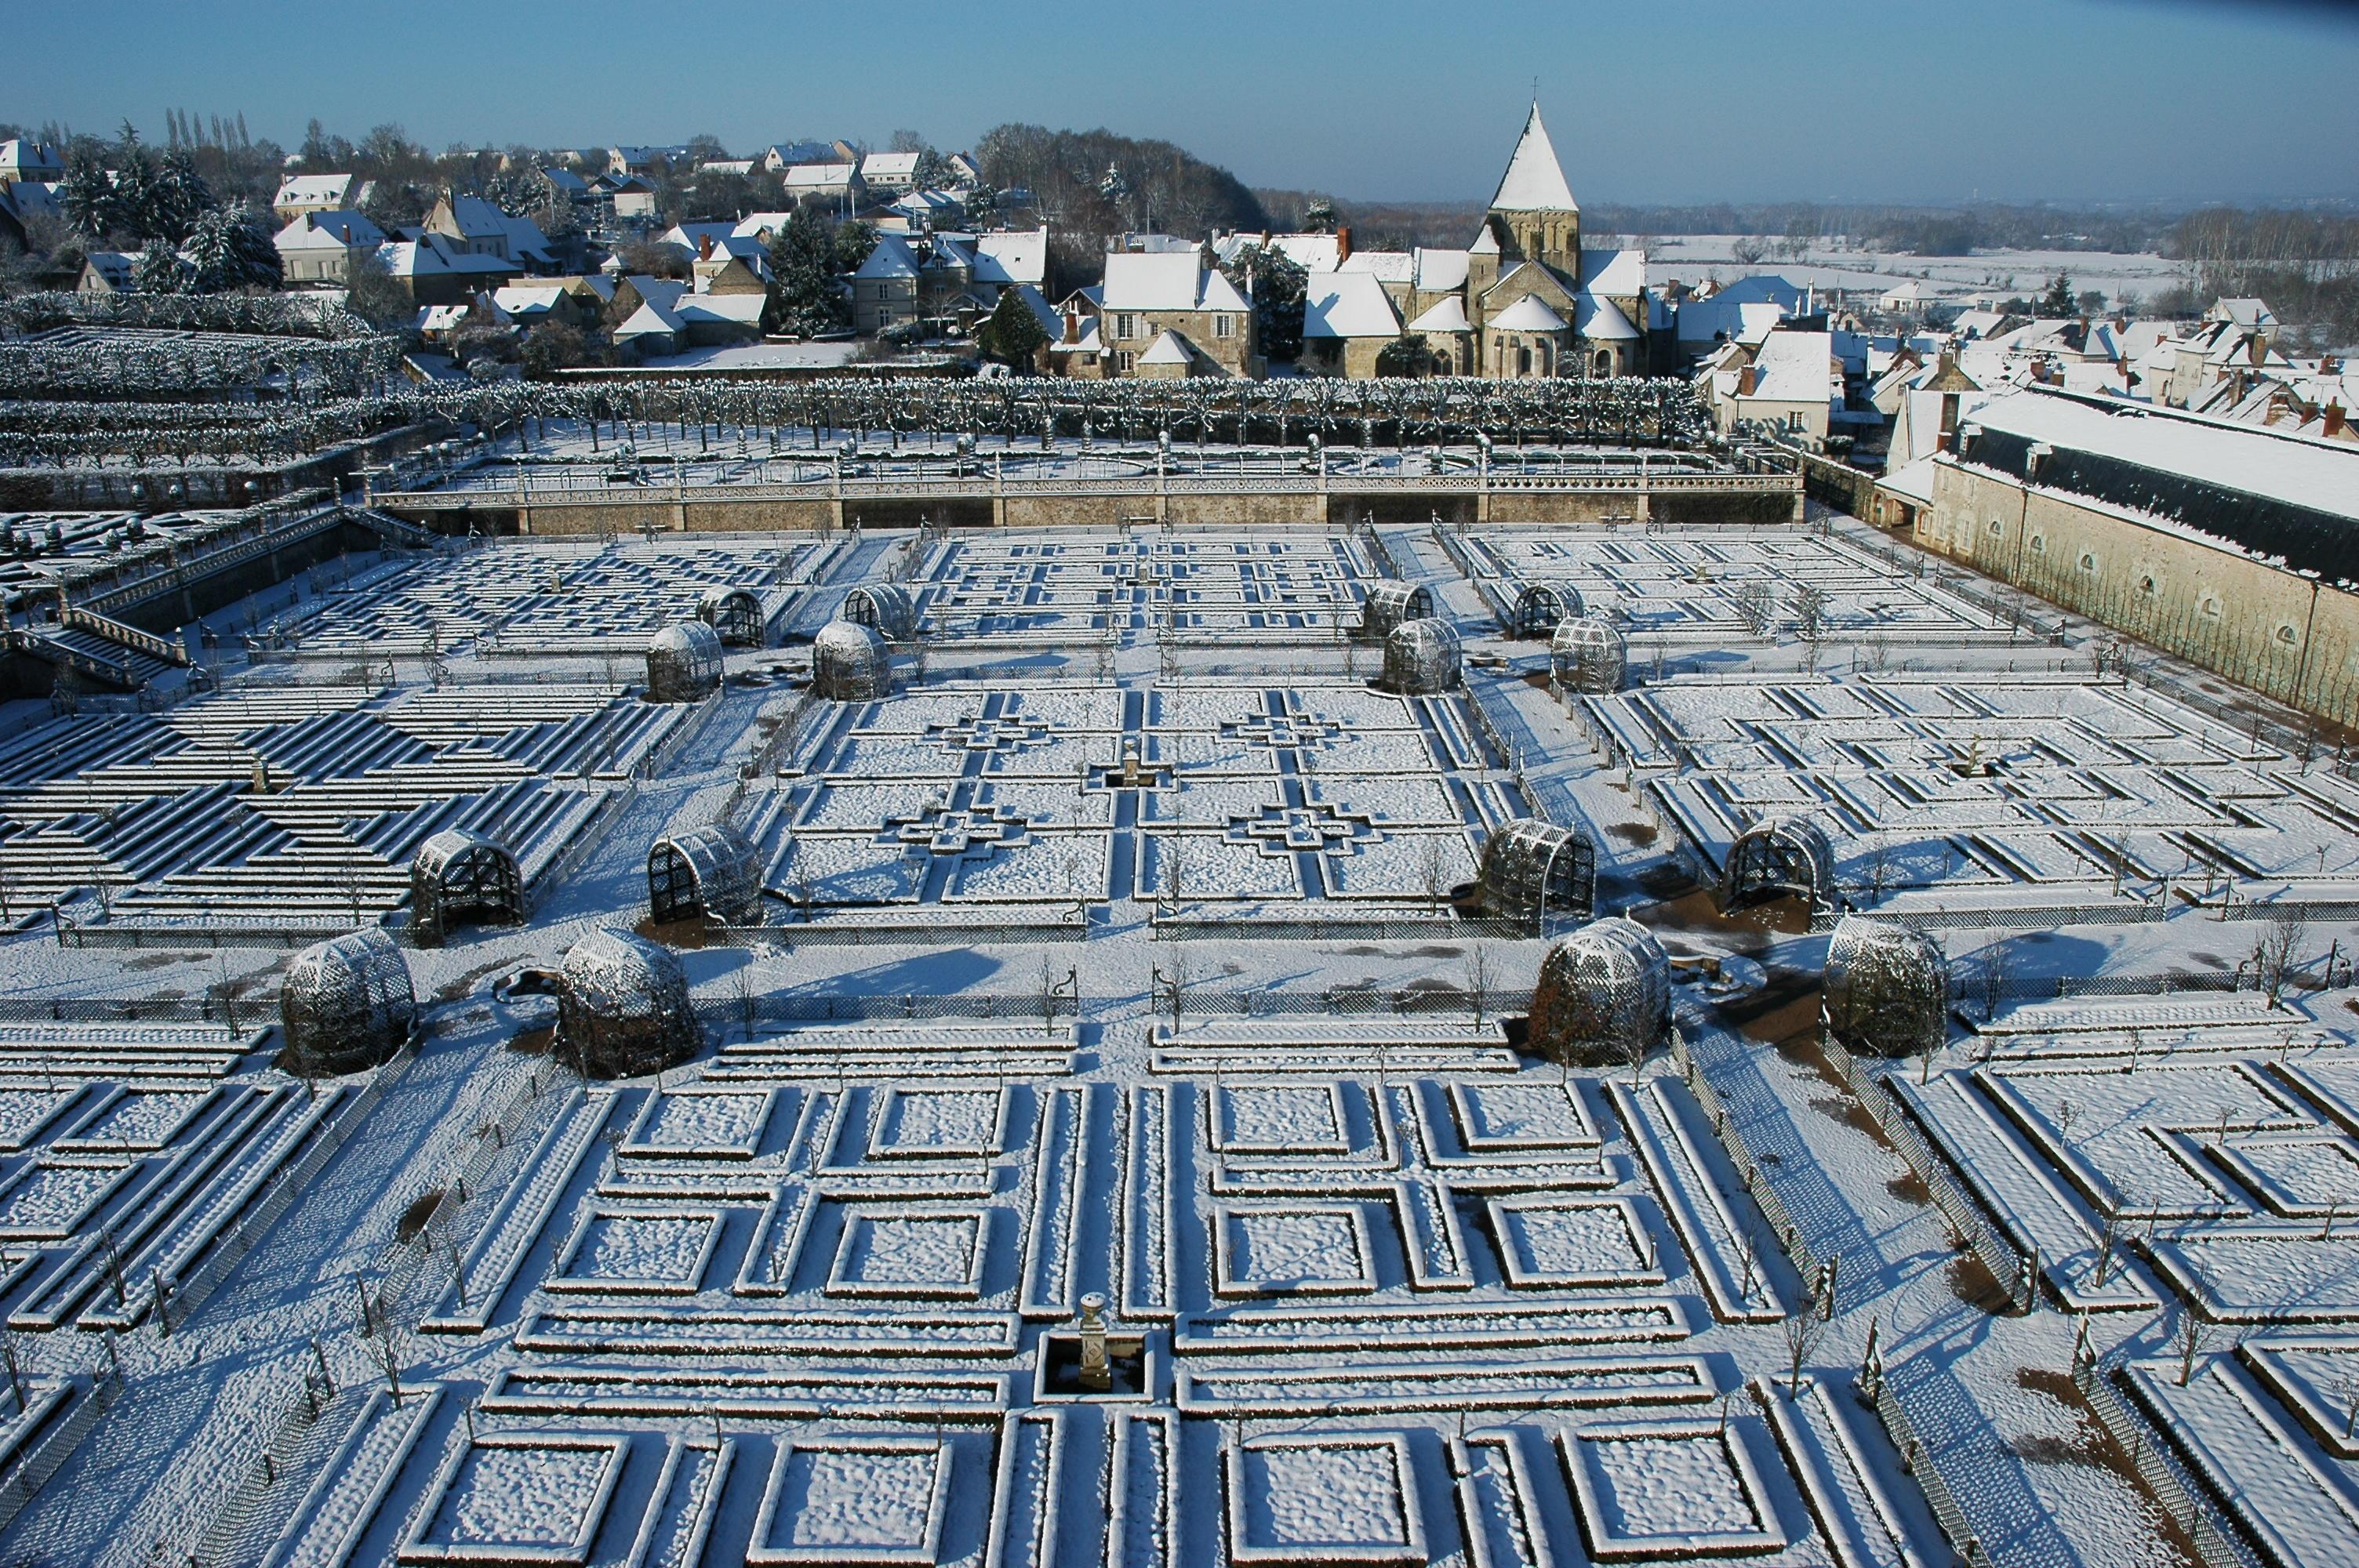 chateau_jardins_villandry_neige_1